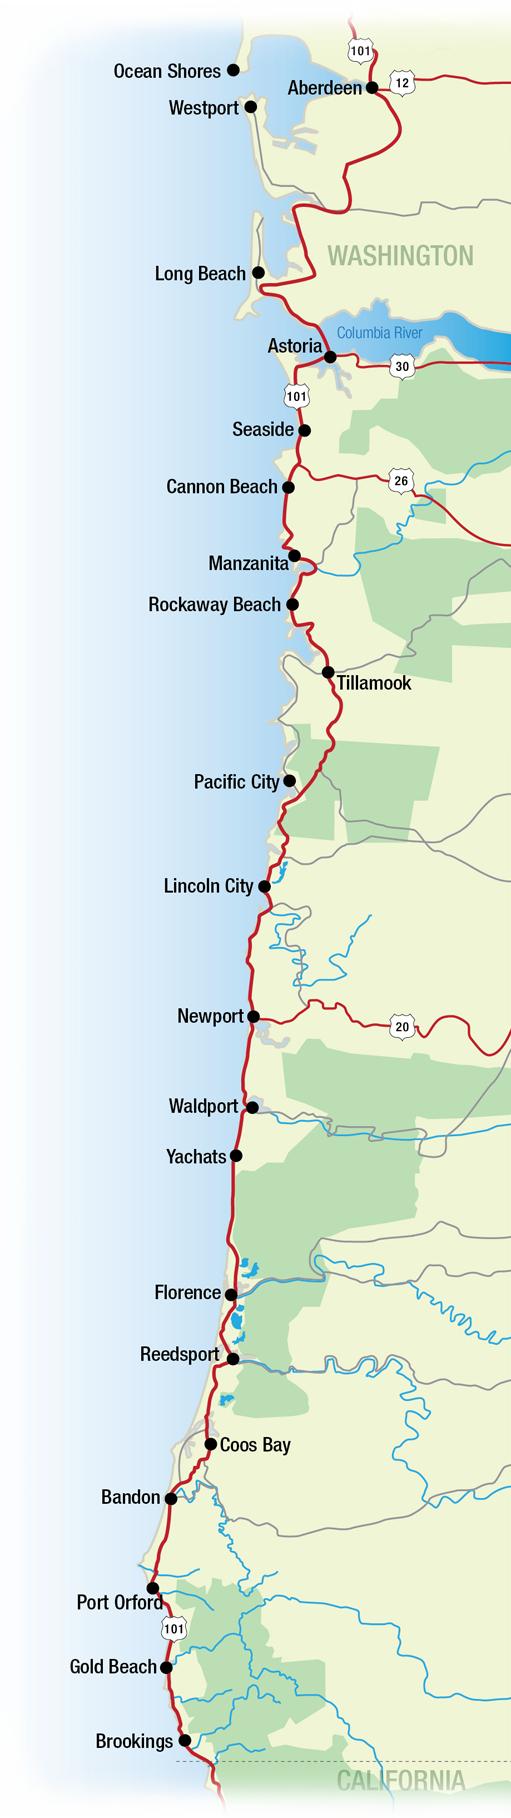 Oregon California Coast Map - Klipy - Map Of Oregon And California Coastline